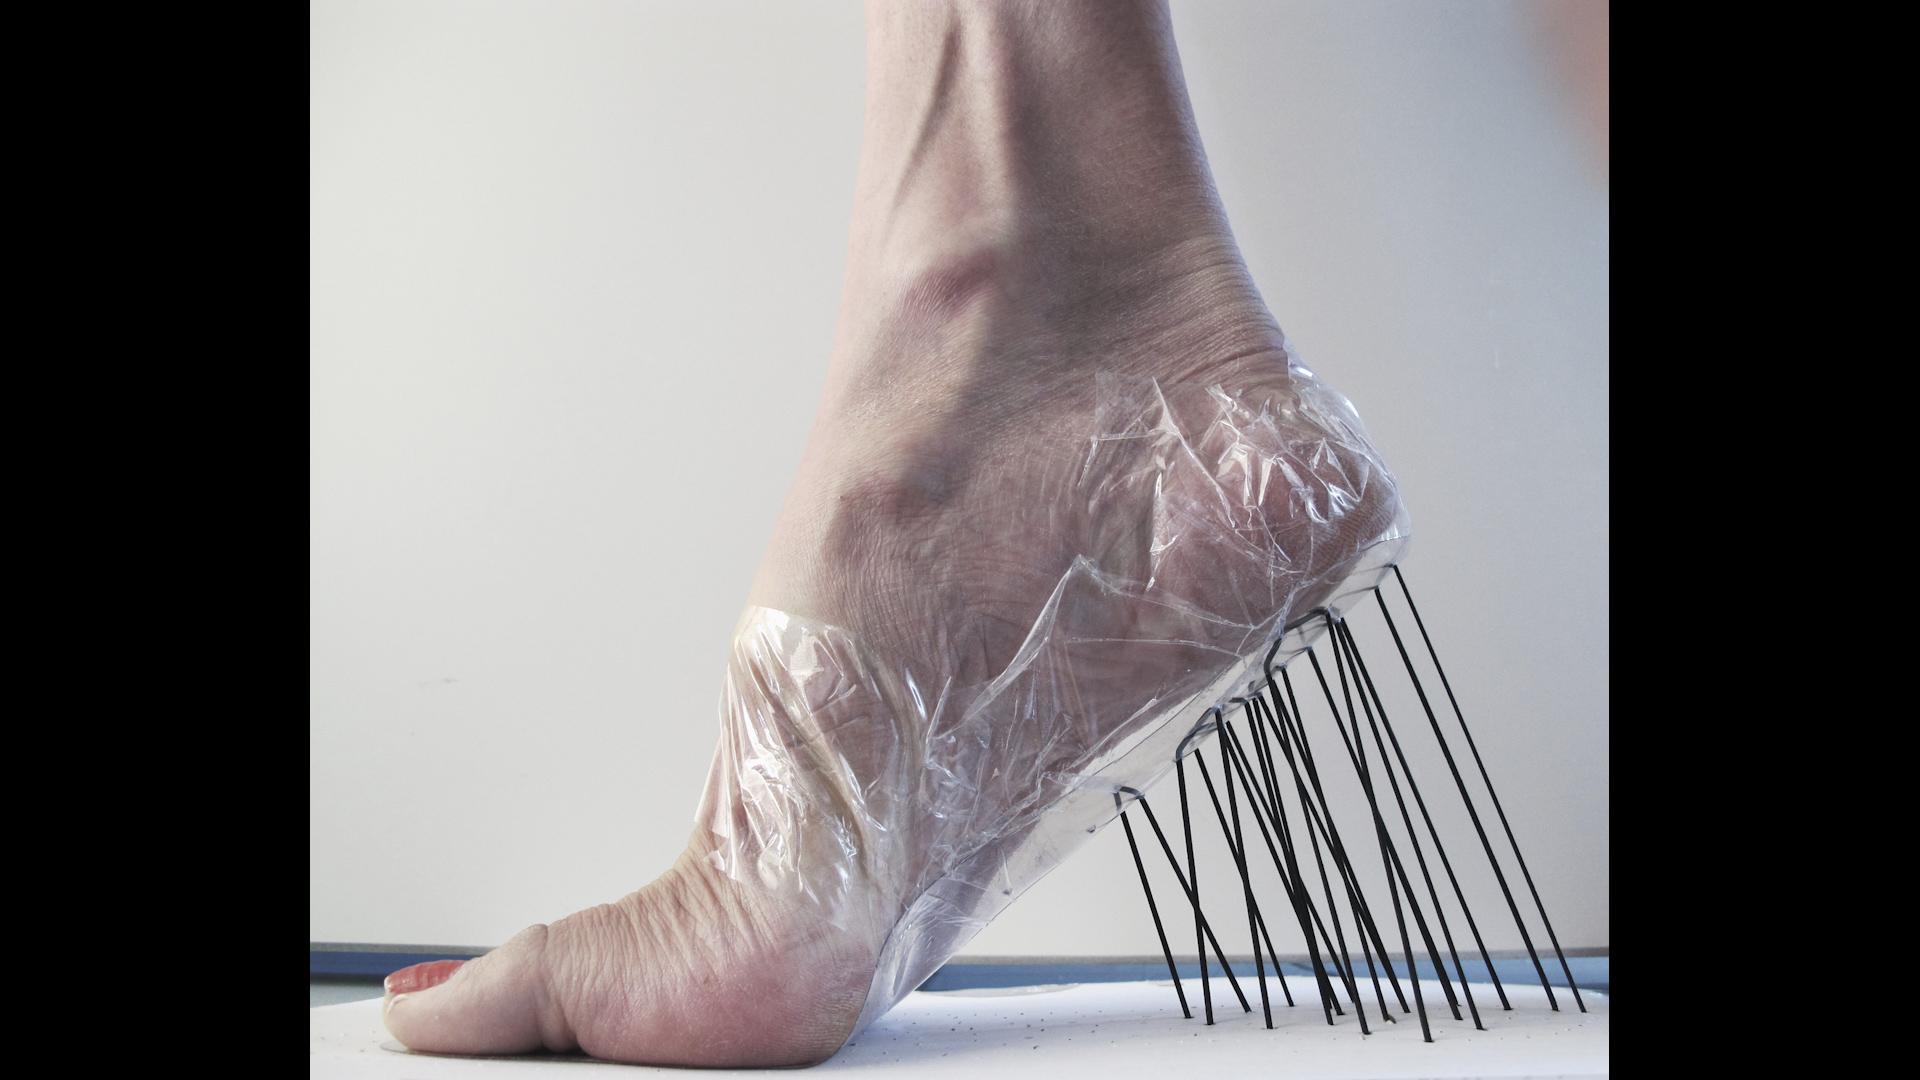 IIB_Foot.jpg